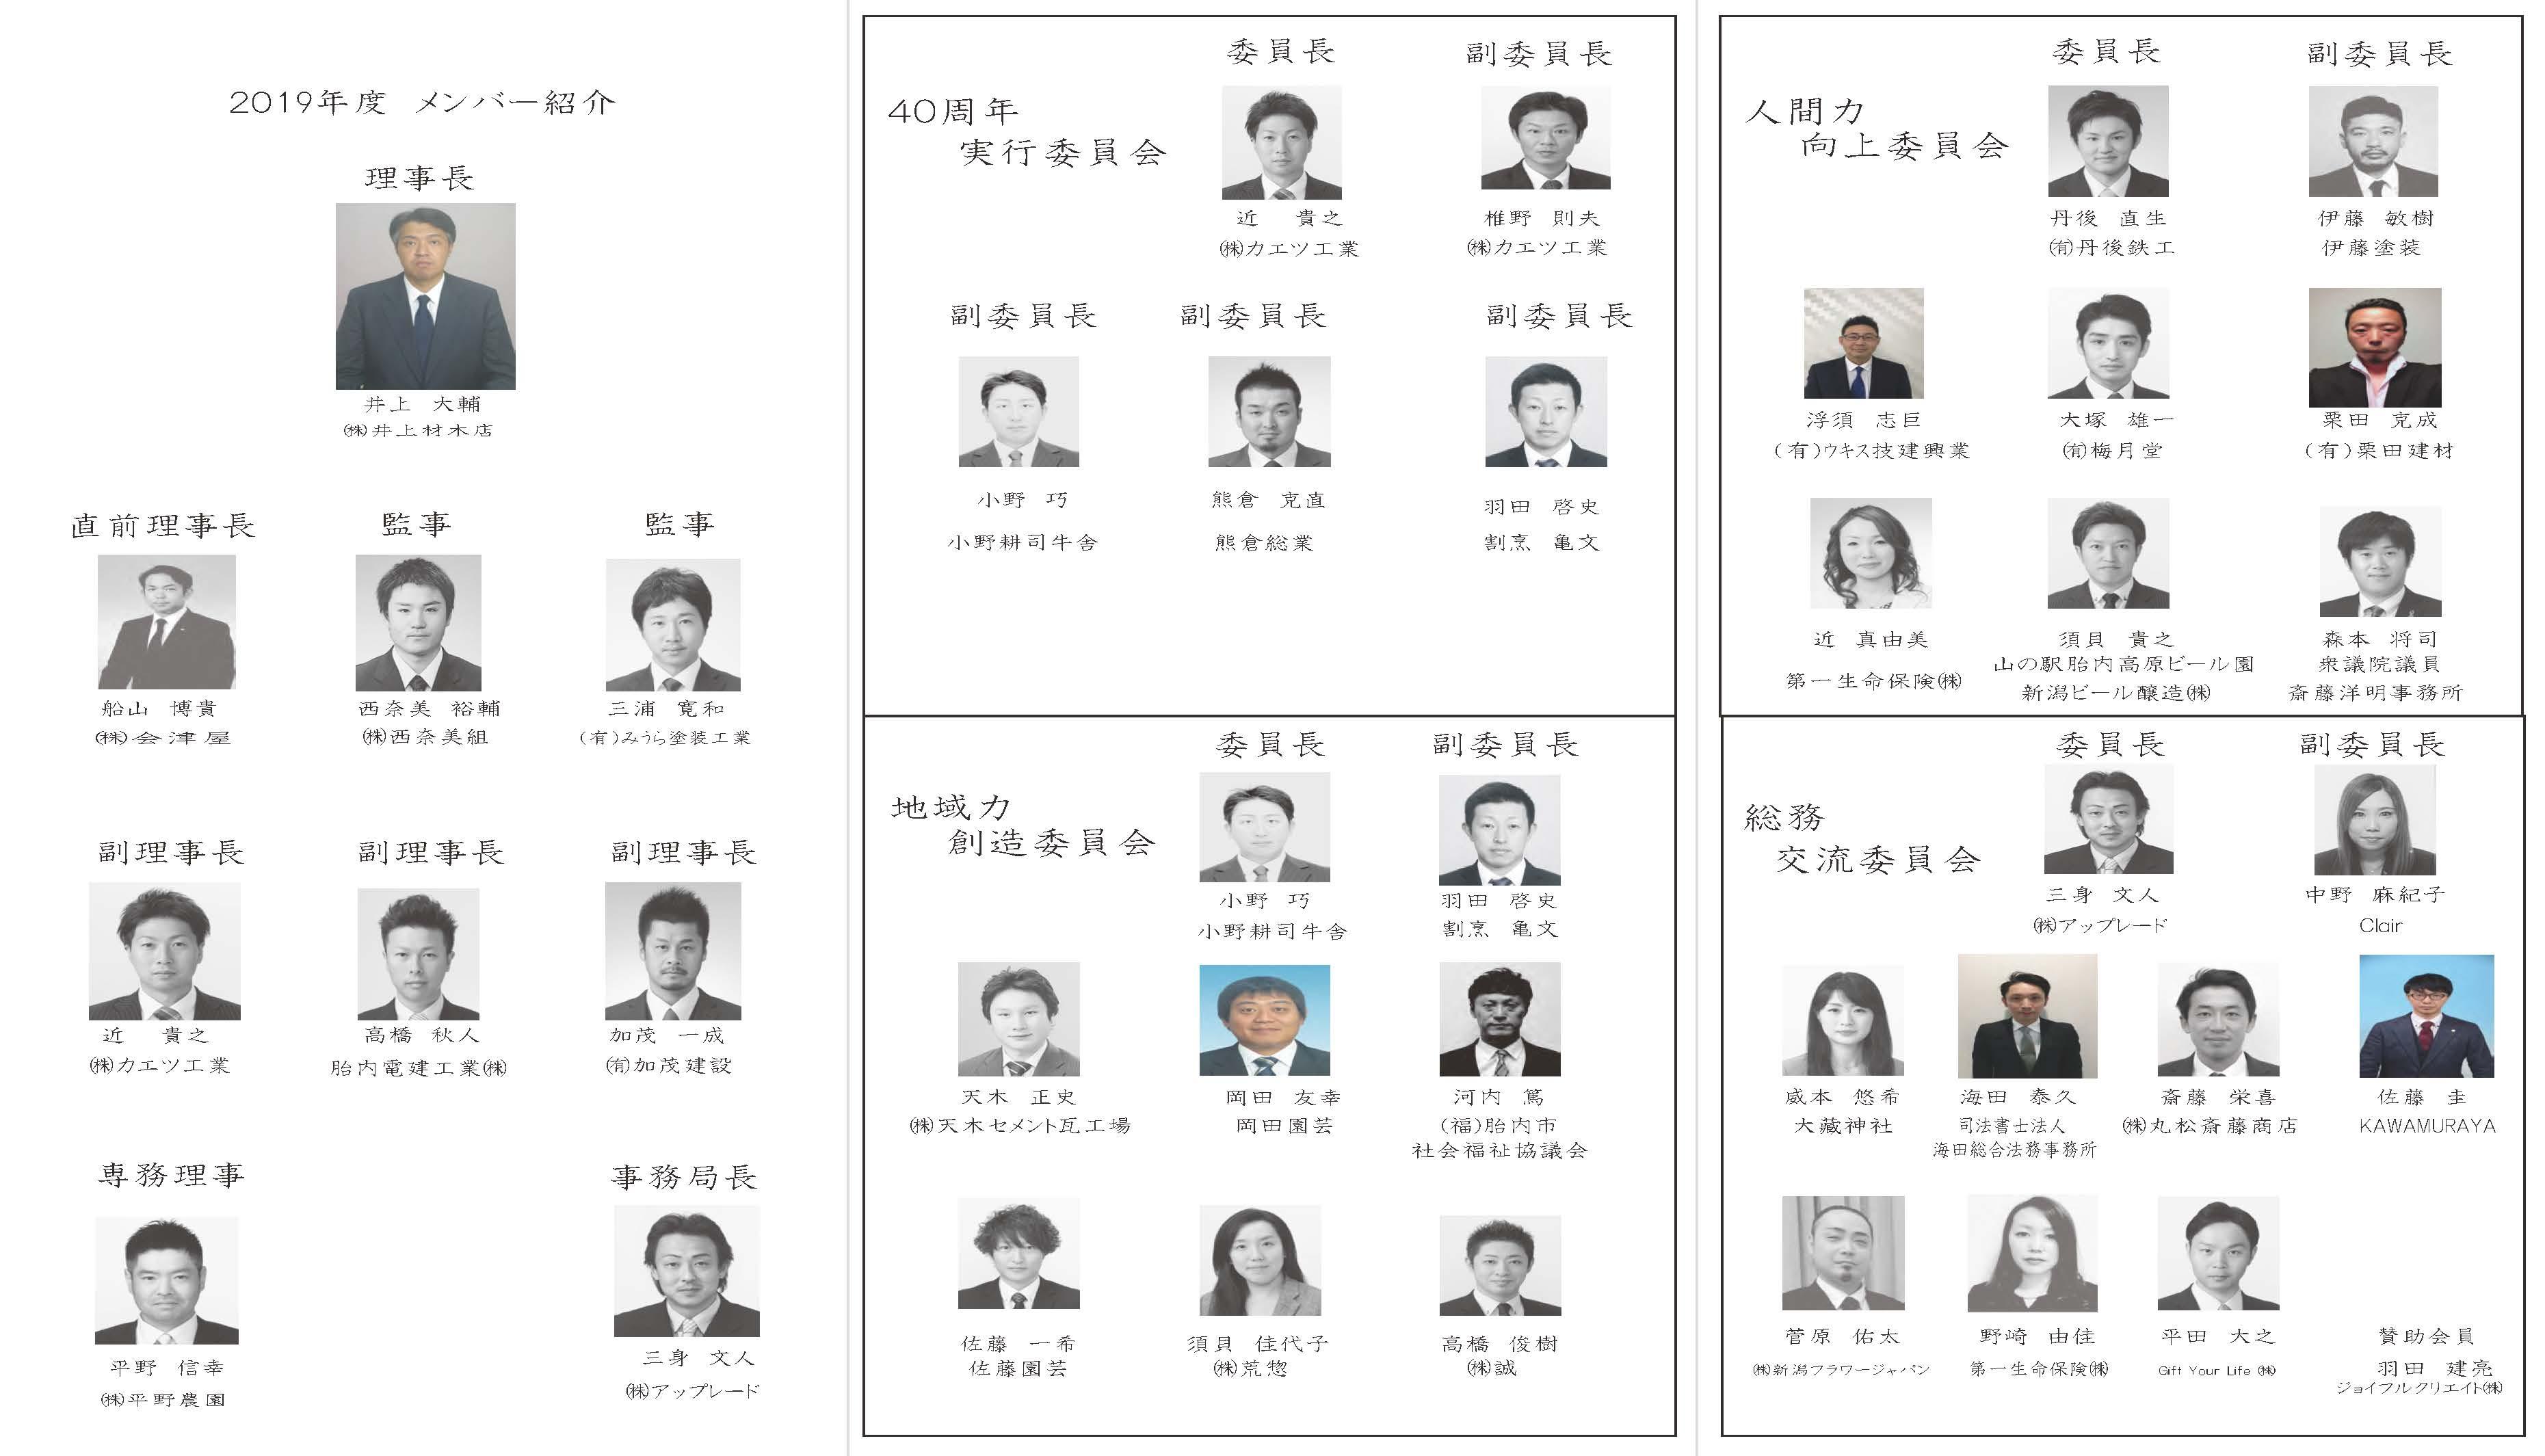 2019メンバー紹介表 縮小